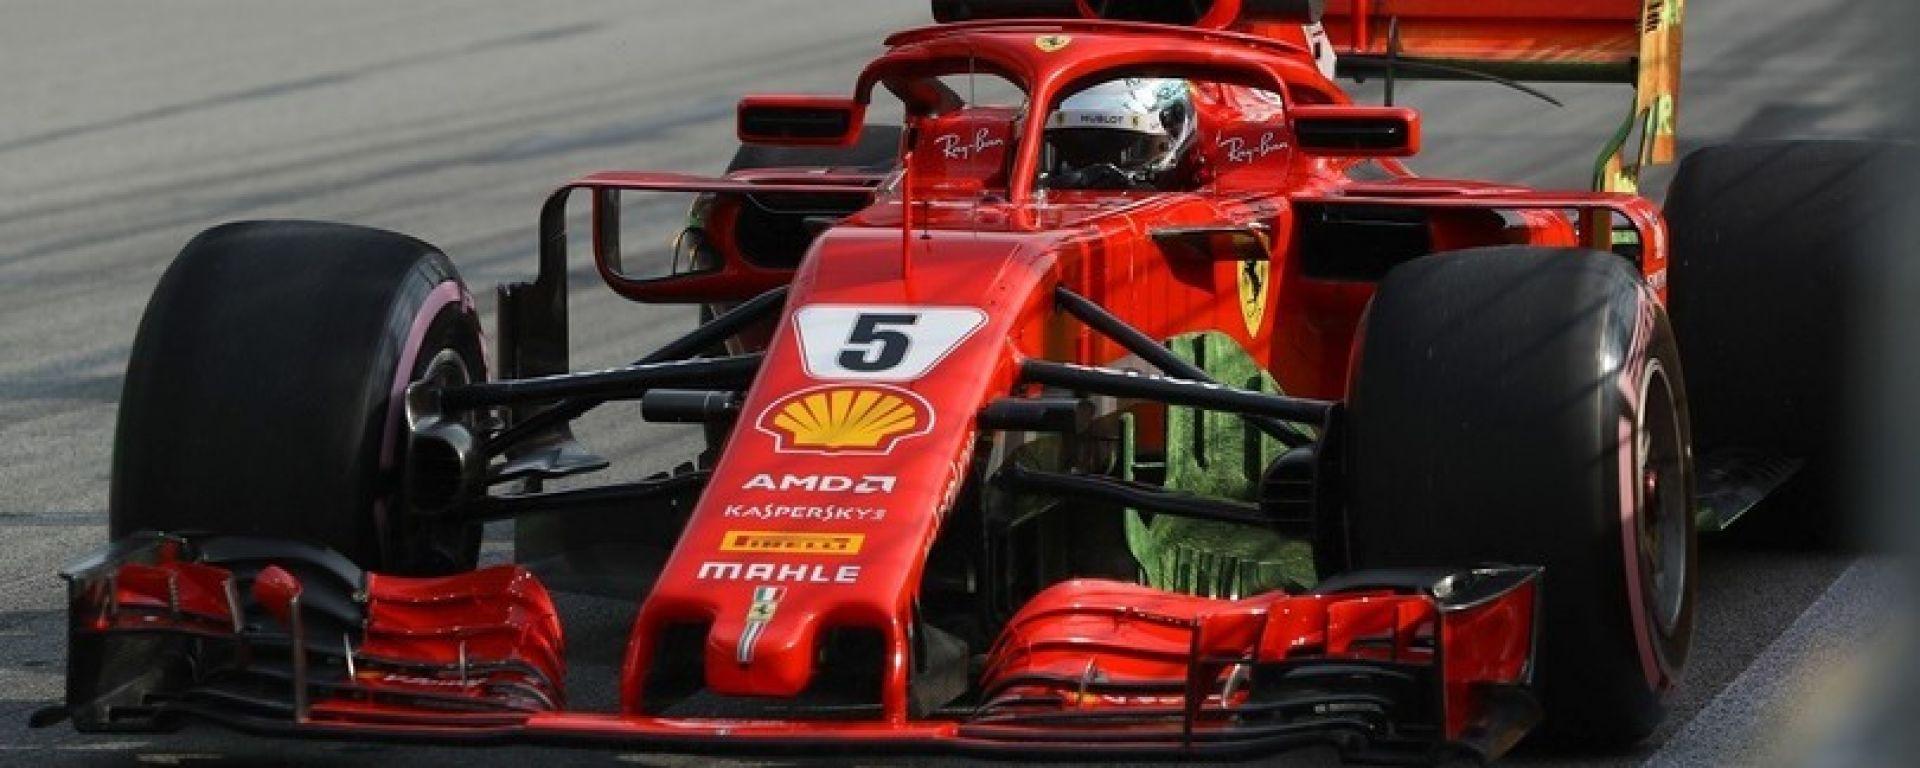 Vettel a muro in FP2, alla faccia degli 'errori da evitare', ecco le sue parole